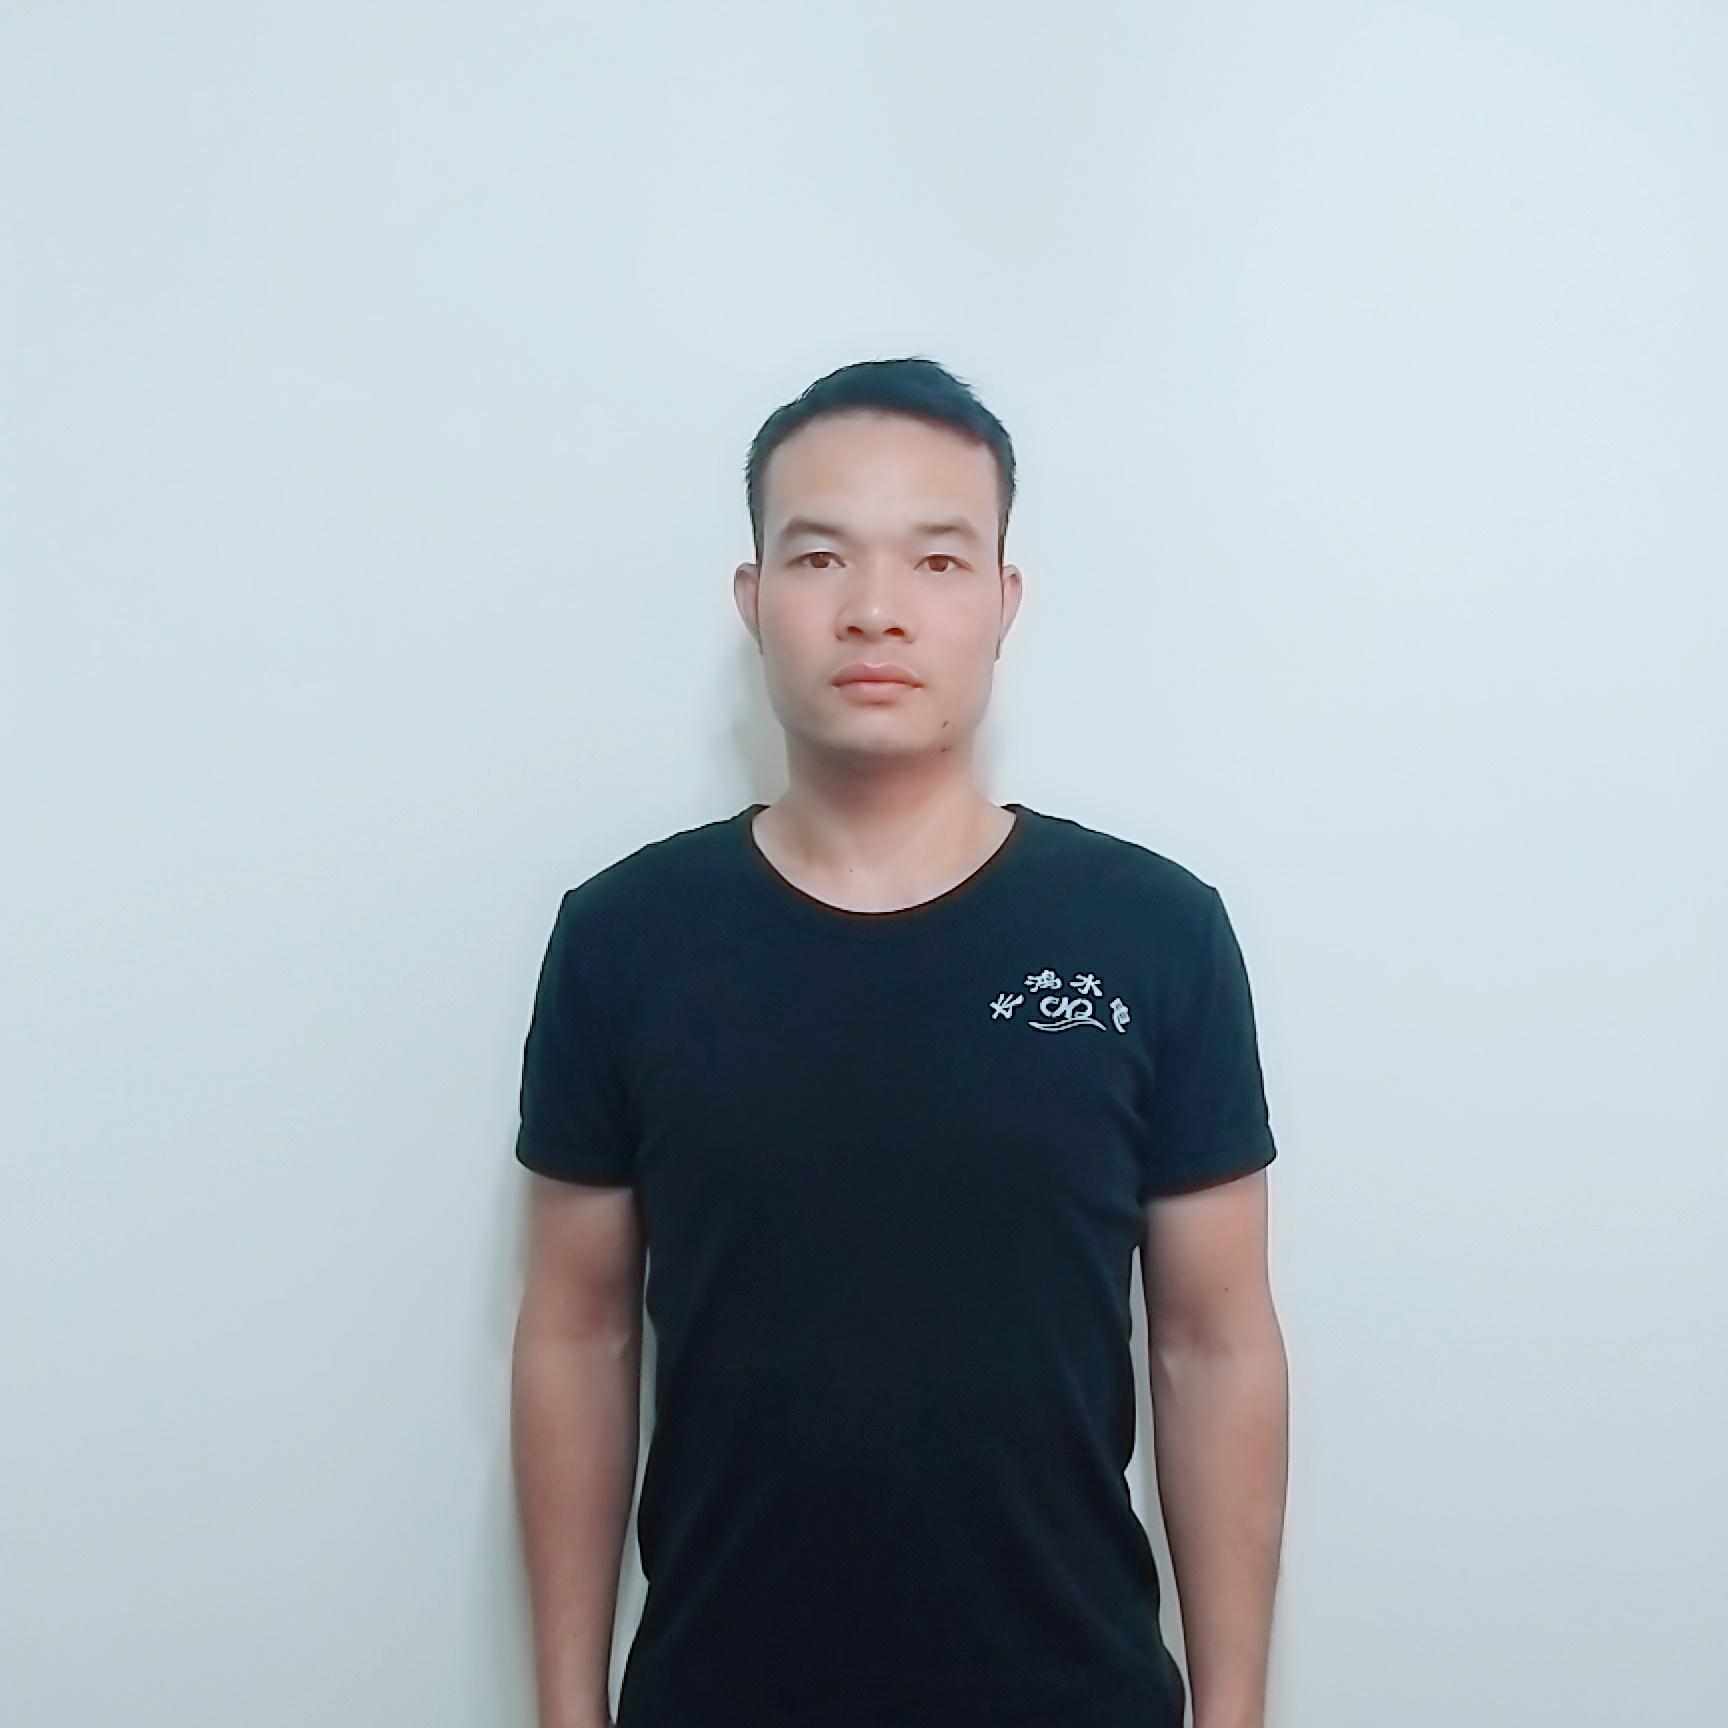 贵港建材人物专访丨长鸿水电杨铭源